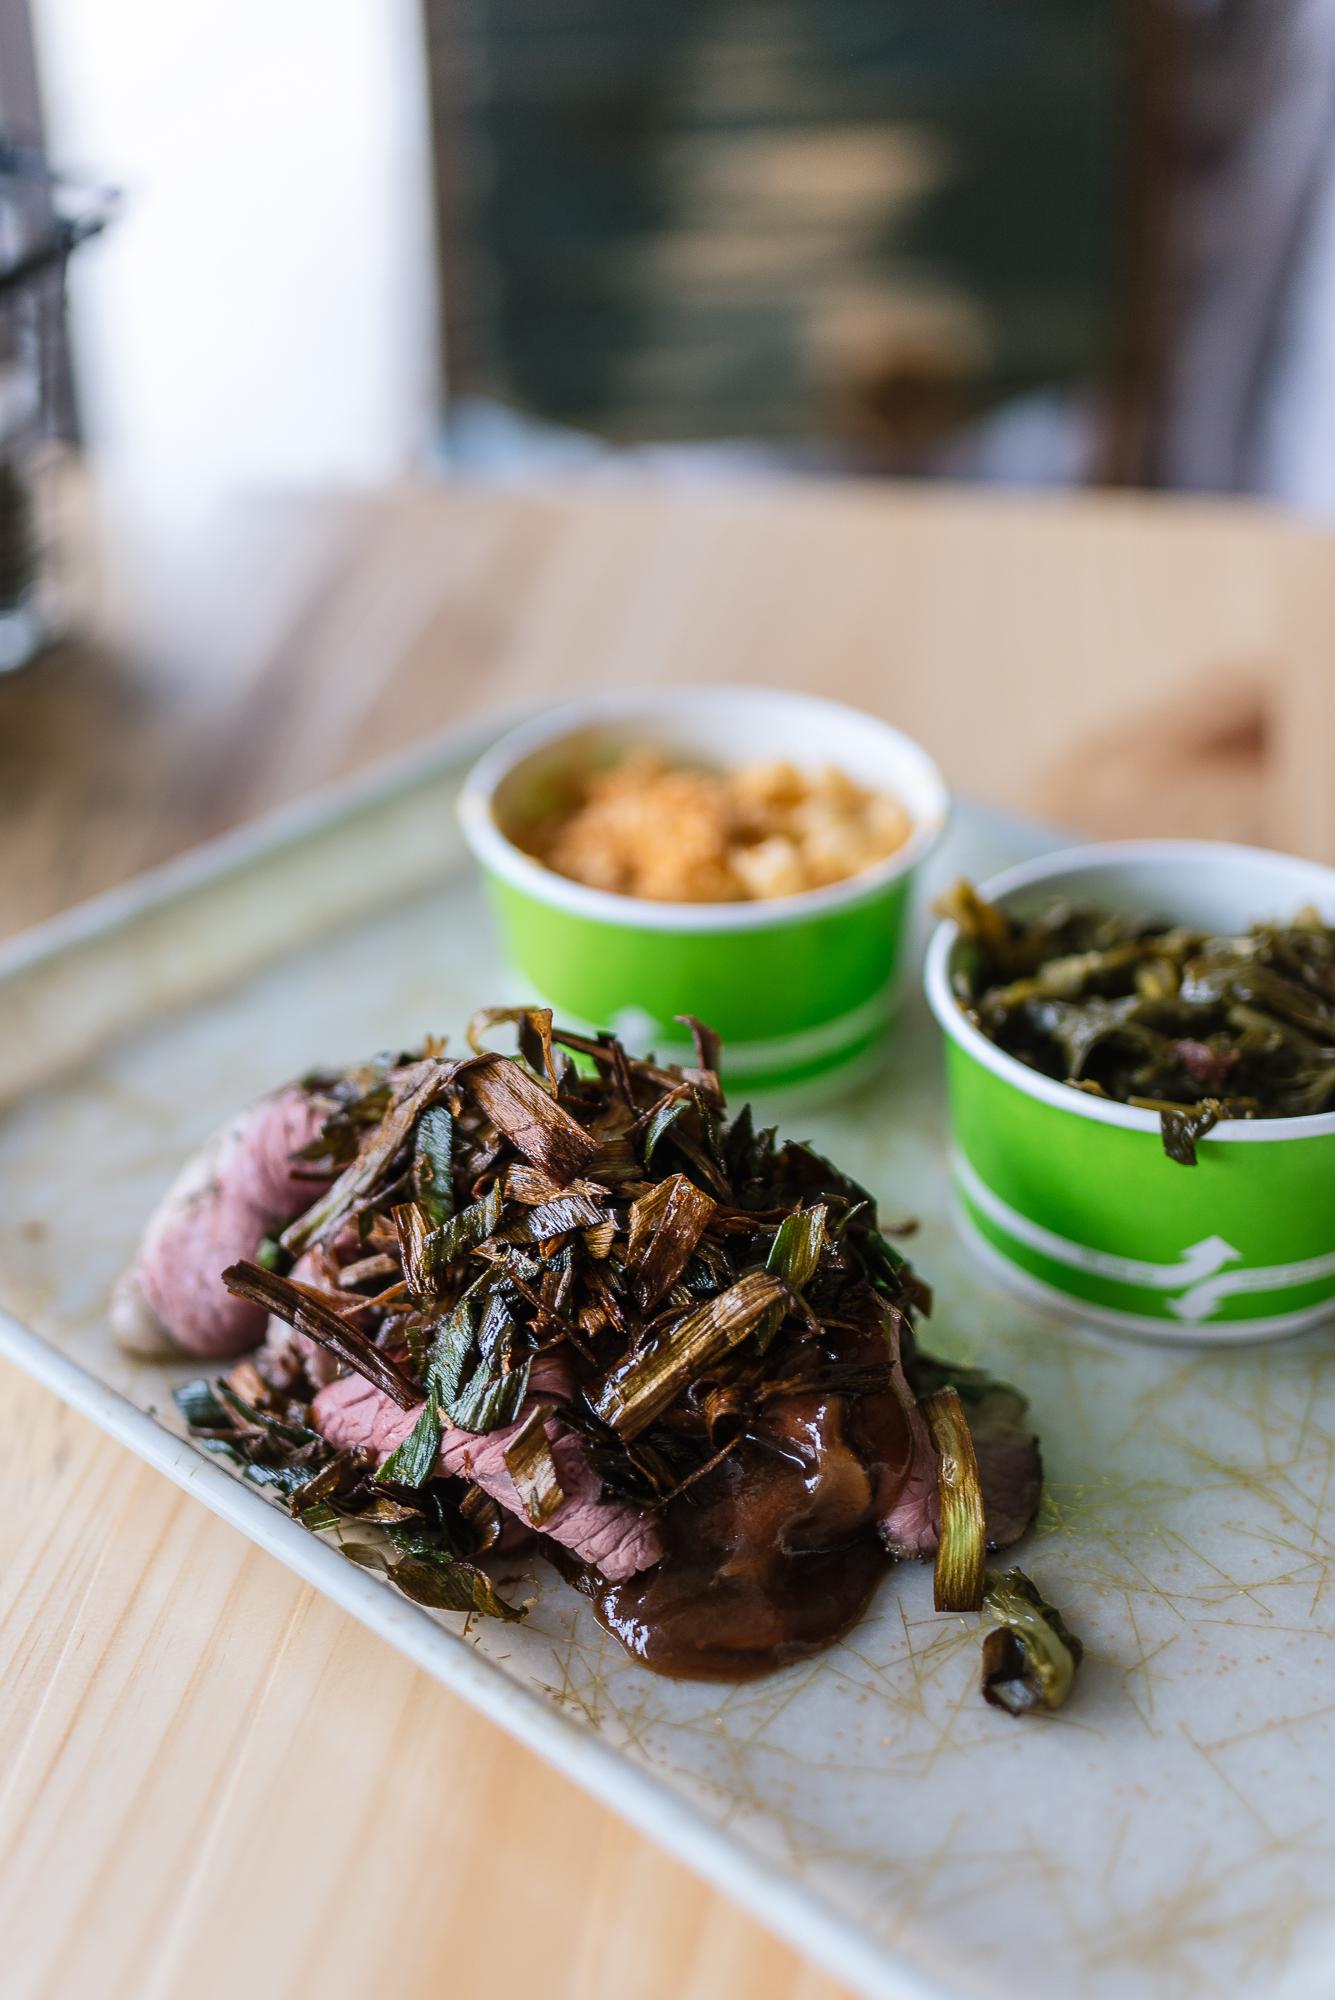 Roast beef - mushrooms, bone marrow gravy, crispy leeks